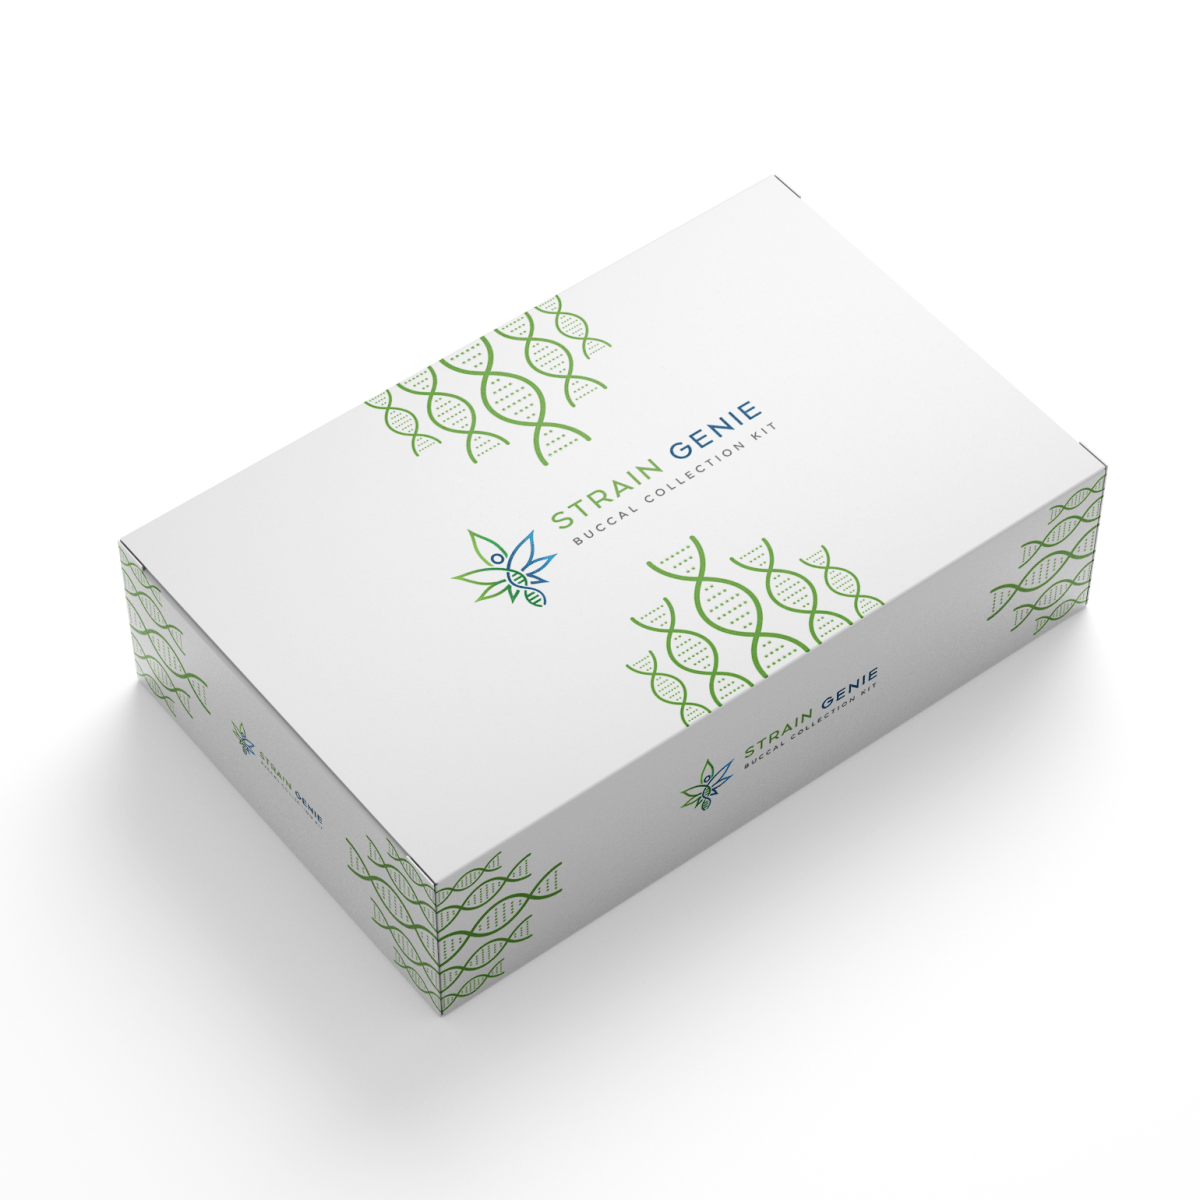 Strain Genie DNA Test Kit